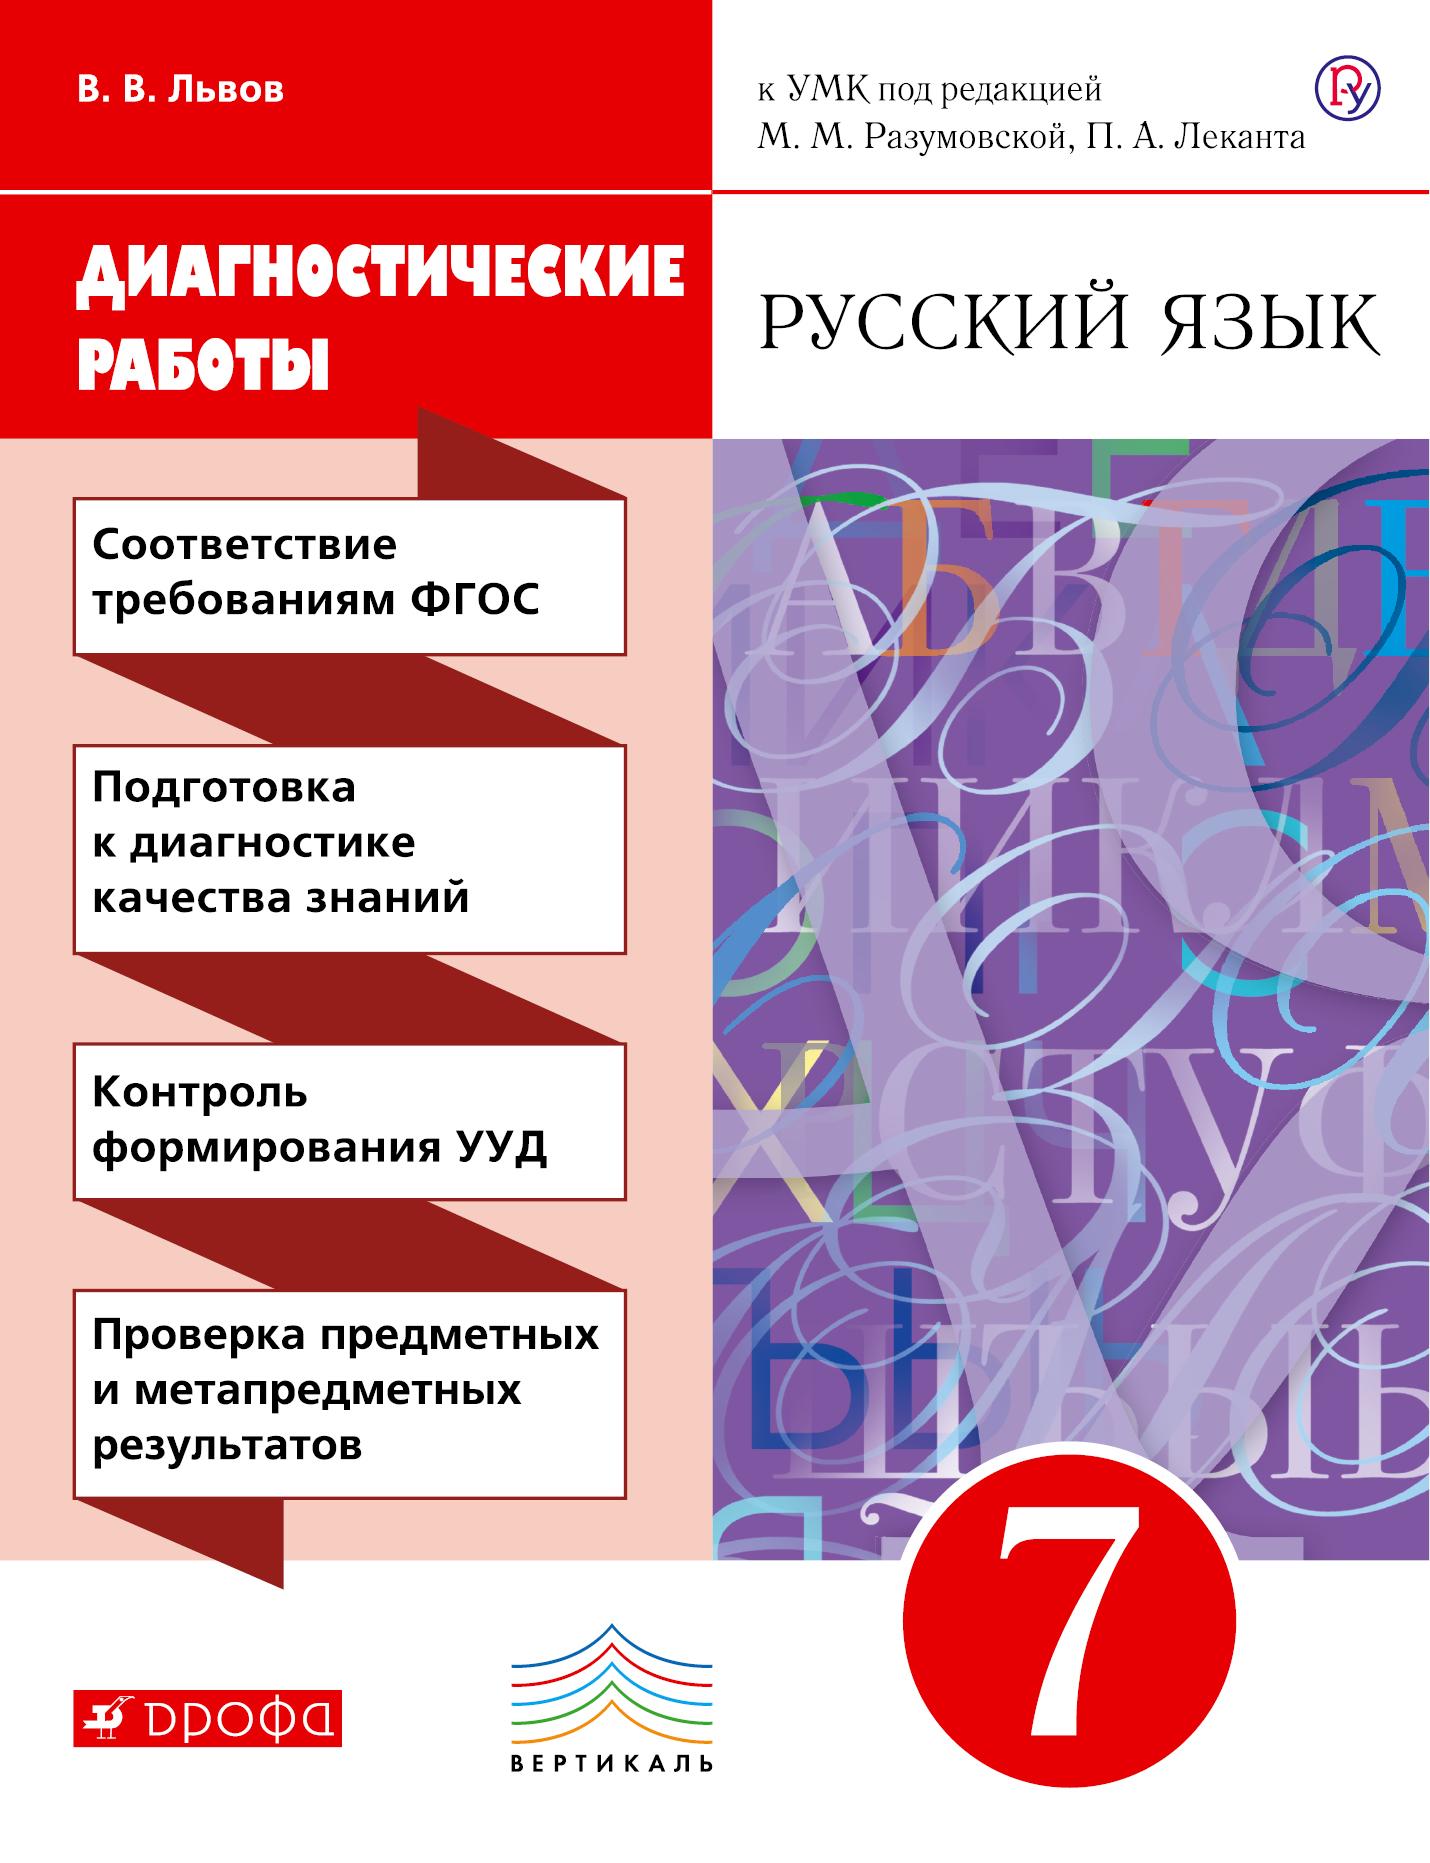 Львов В.В. Русский язык. 7 класс. Рабочая тетрадь (диагностические работы) львов в в русский язык 6 класс рабочая тетрадь диагностические работы